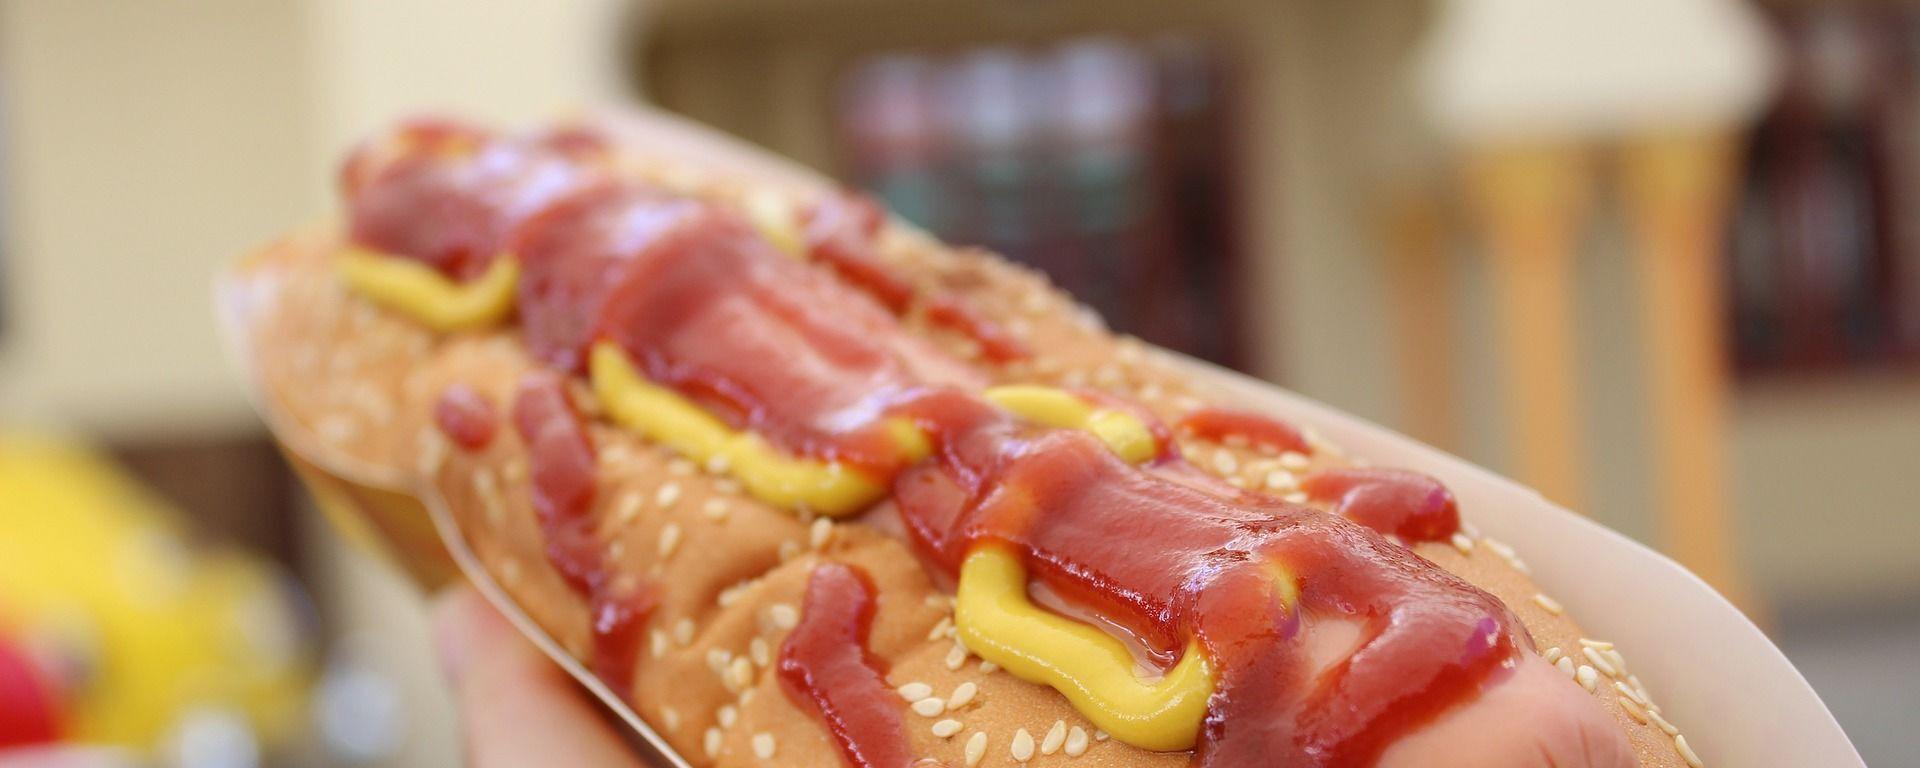 Hot dog  - Sputnik Česká republika, 1920, 24.08.2021